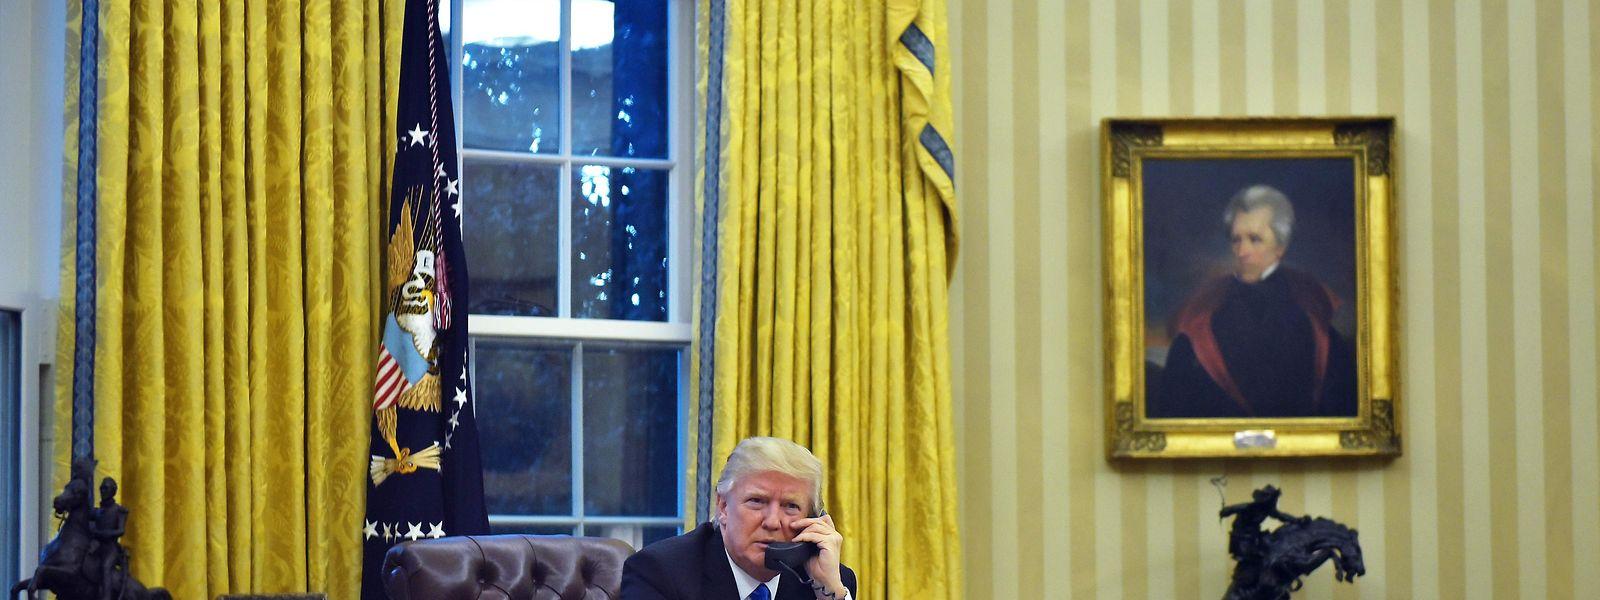 Donald Trump gratulierte Wladimir Putin am Telefon zu dessen Wiederwahl - gegen den Willen seiner Berater.